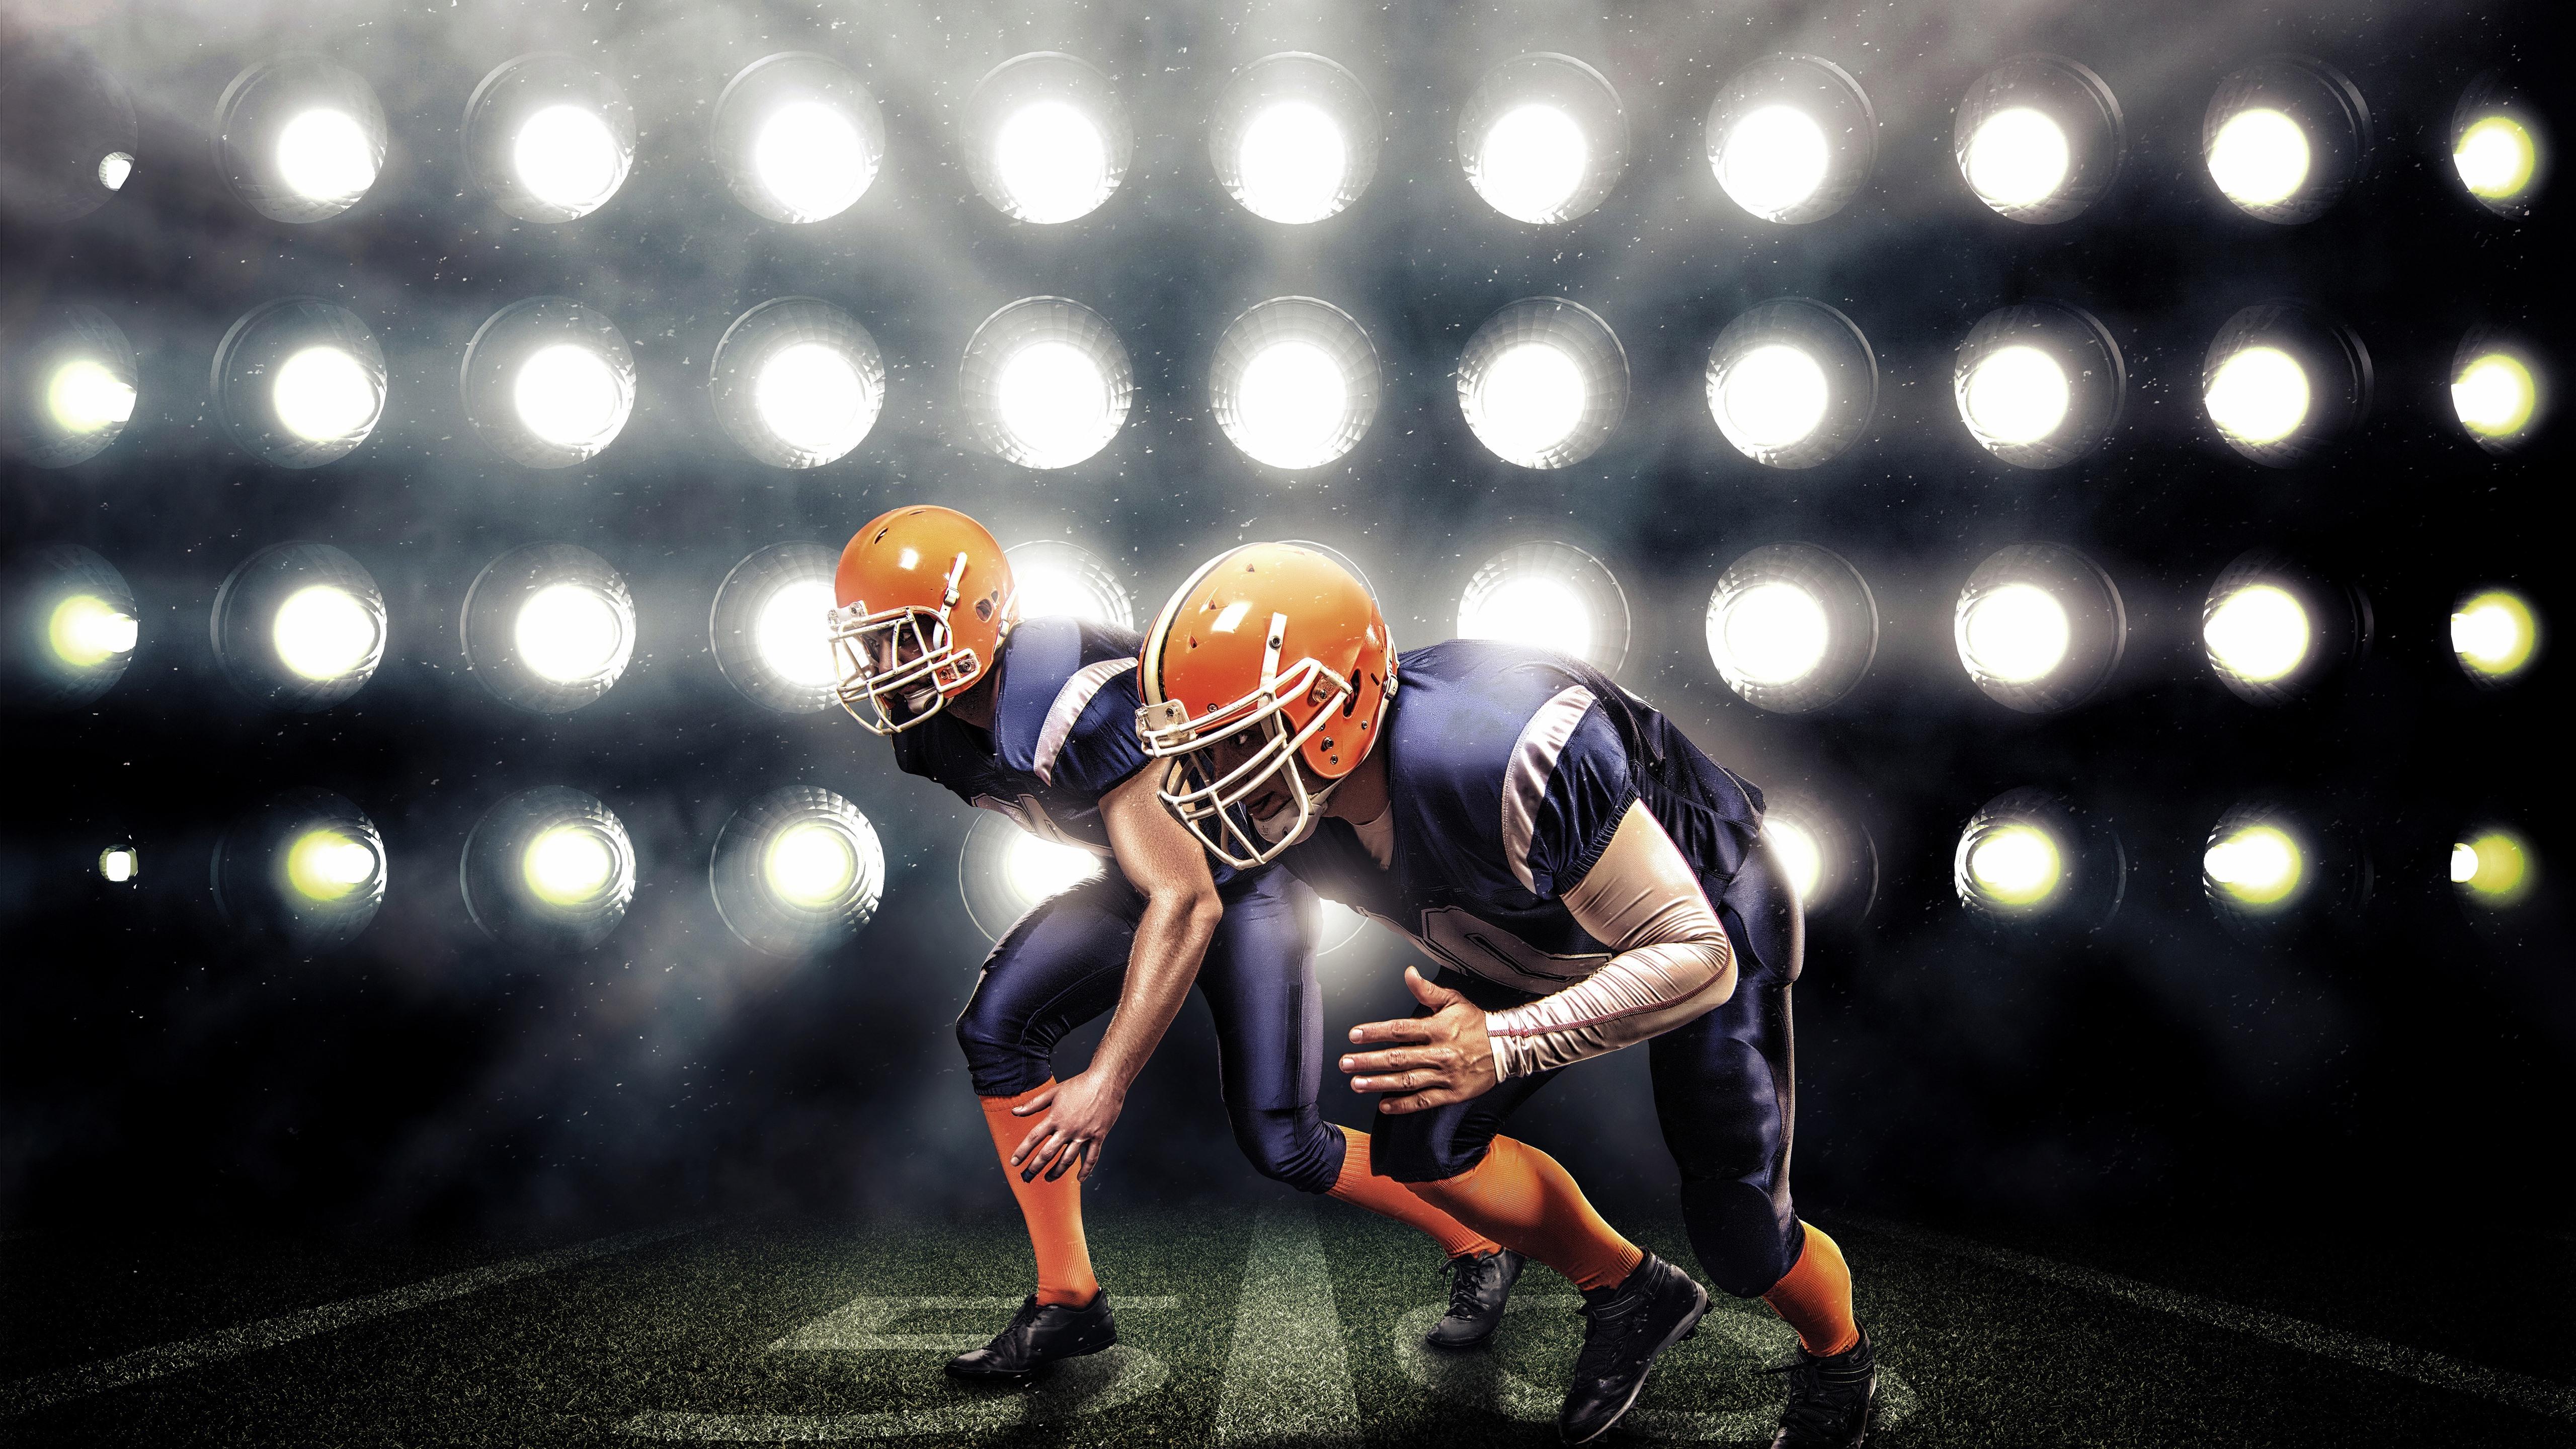 壁紙 アメリカンフットボール アスリート 帽子 スポーツ 51x Uhd 5k 無料のデスクトップの背景 画像